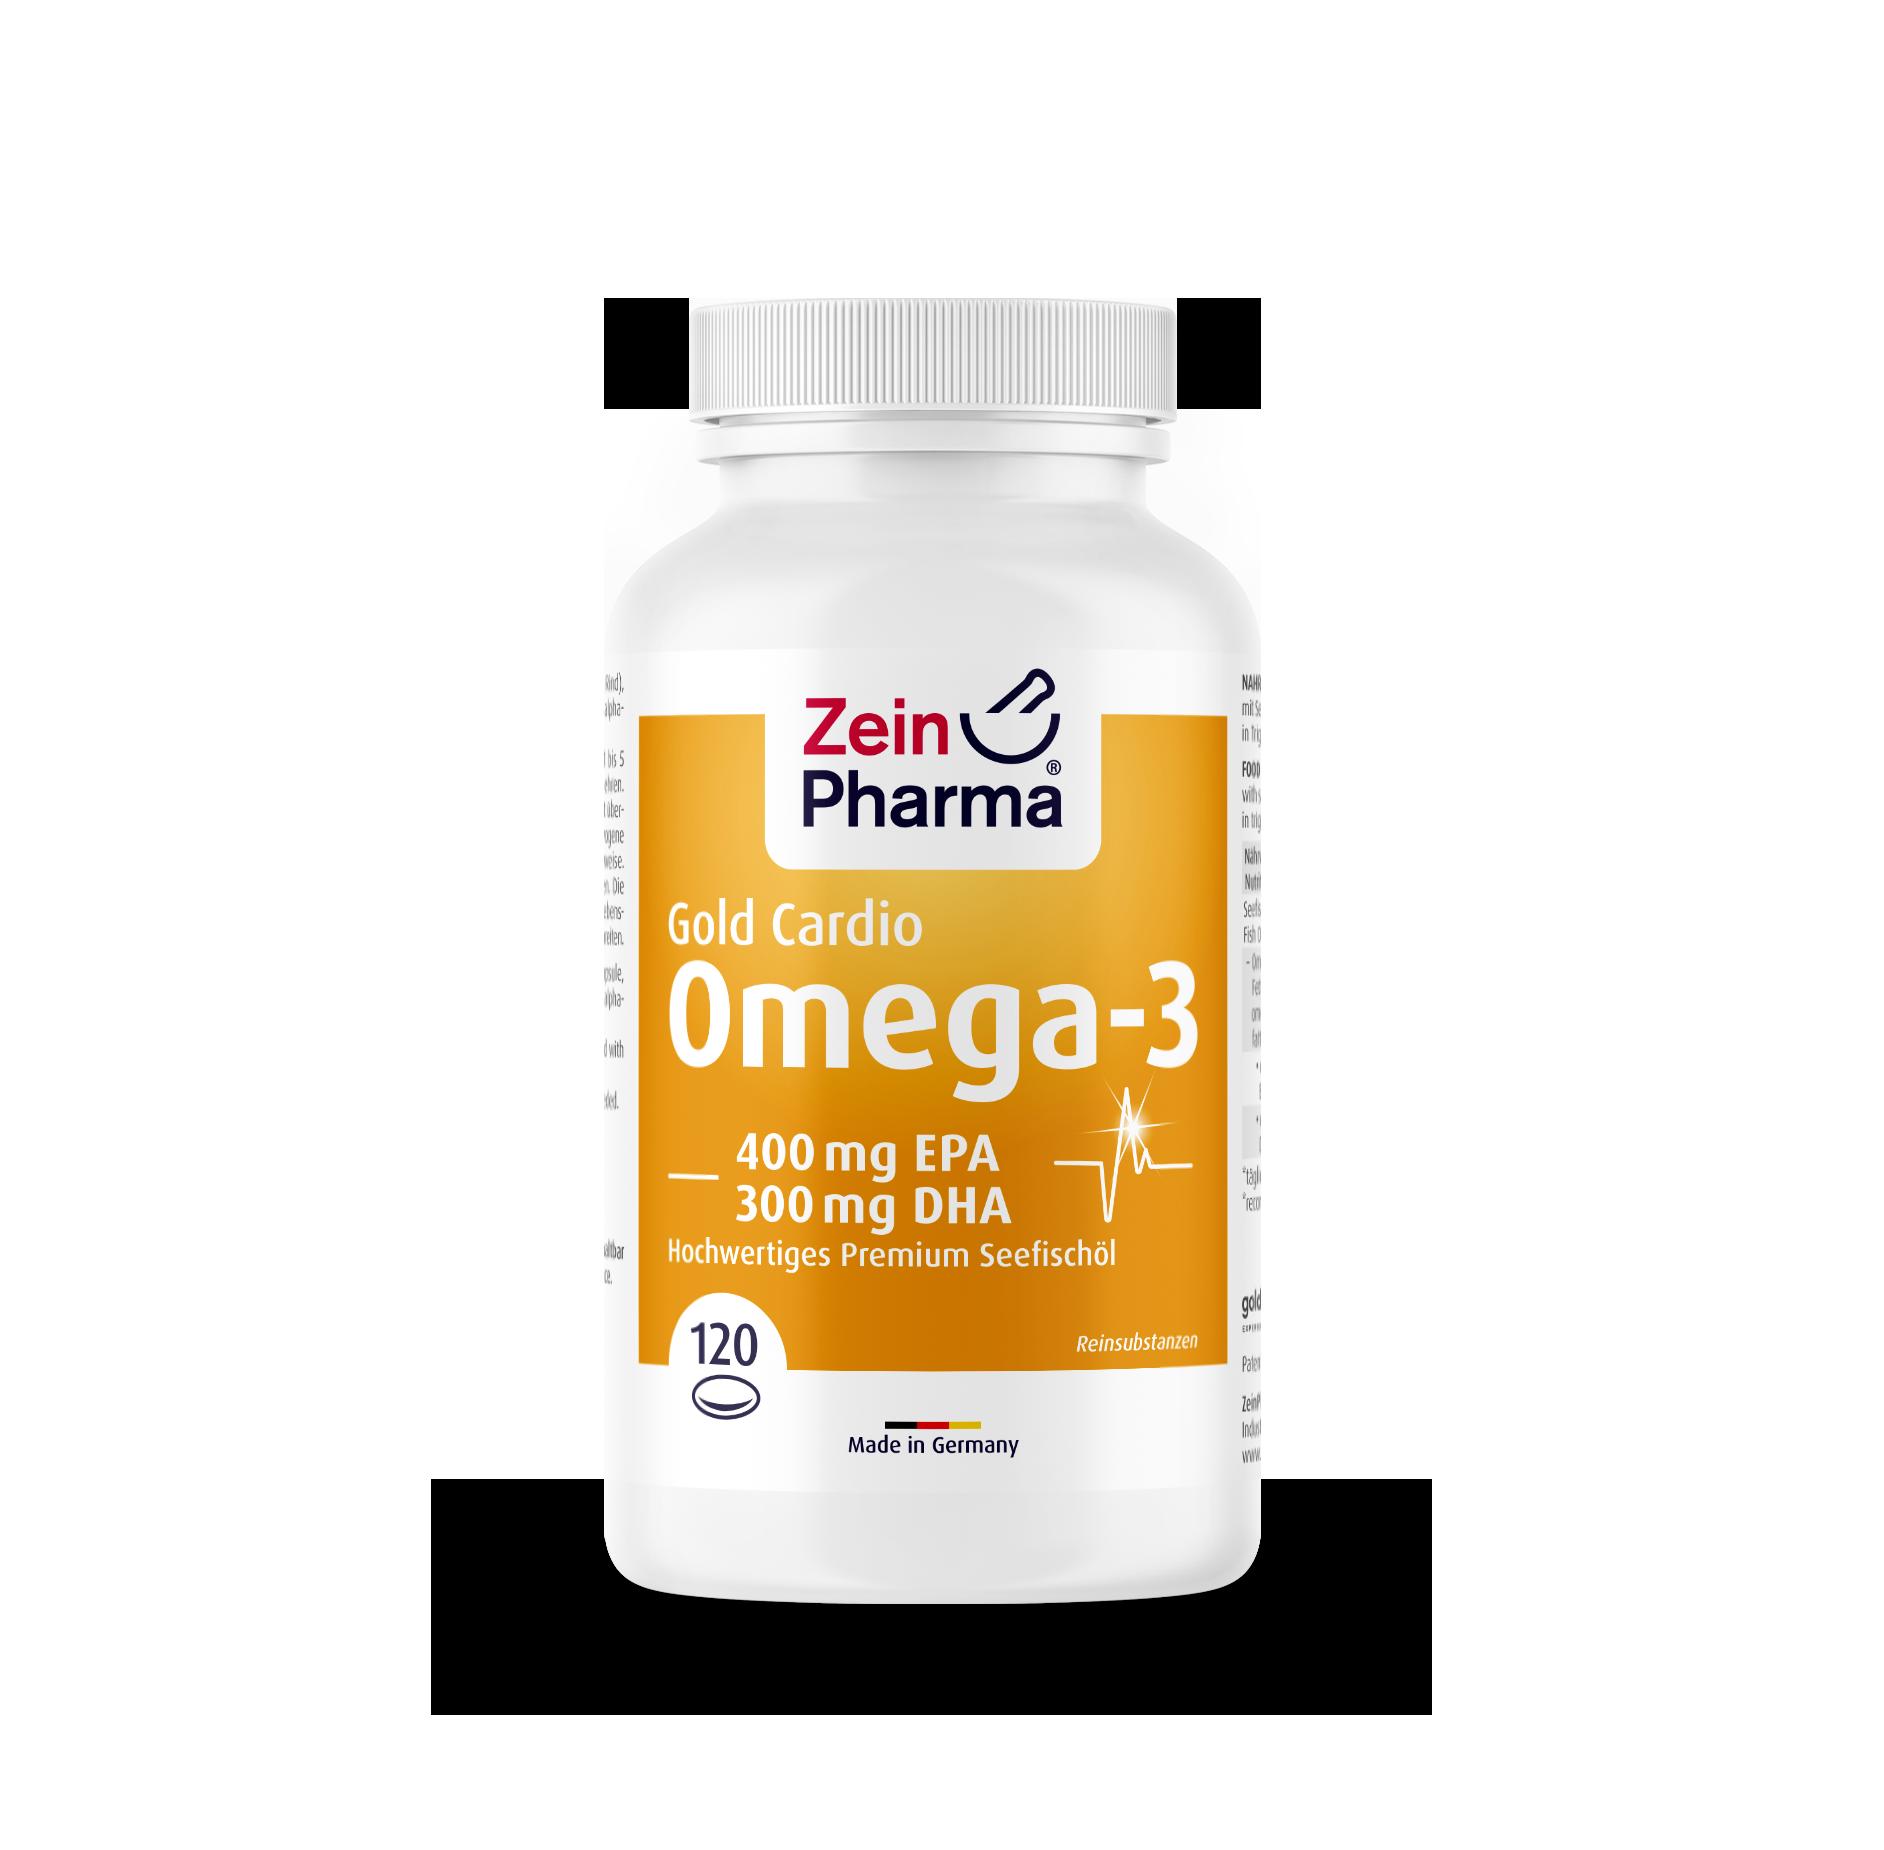 Omega-3 Gold - Cardio Edition